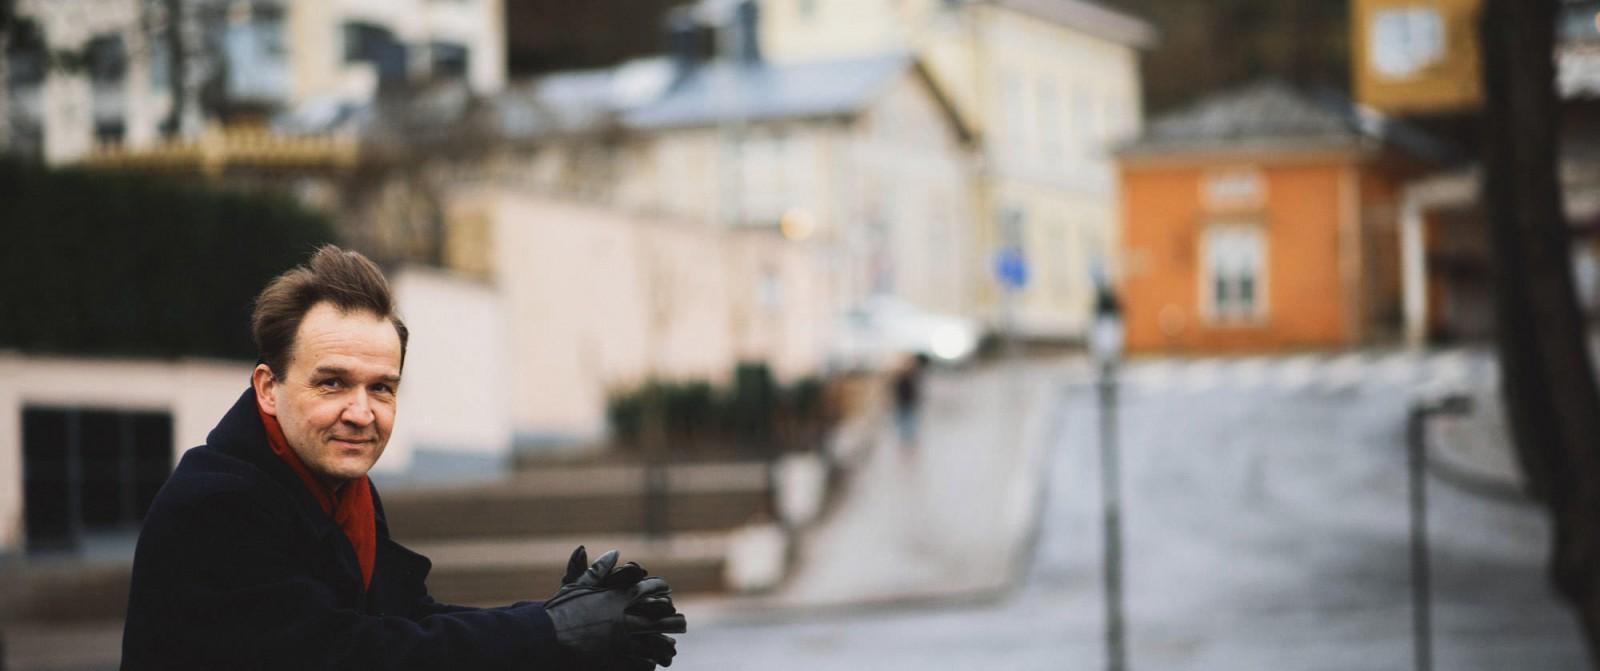 Turun tytäryhtiön toimitusjohtaja Ismo Kaakkurivaara, jonka luotsaama Aura Kvestor Oy yhdistyi Administerin kanssa vuonna 2011. Liikevaihdon kasvu alkoi Administer-yhteistyön myötä 2011 ja jatkuu edelleen voimakkaana.